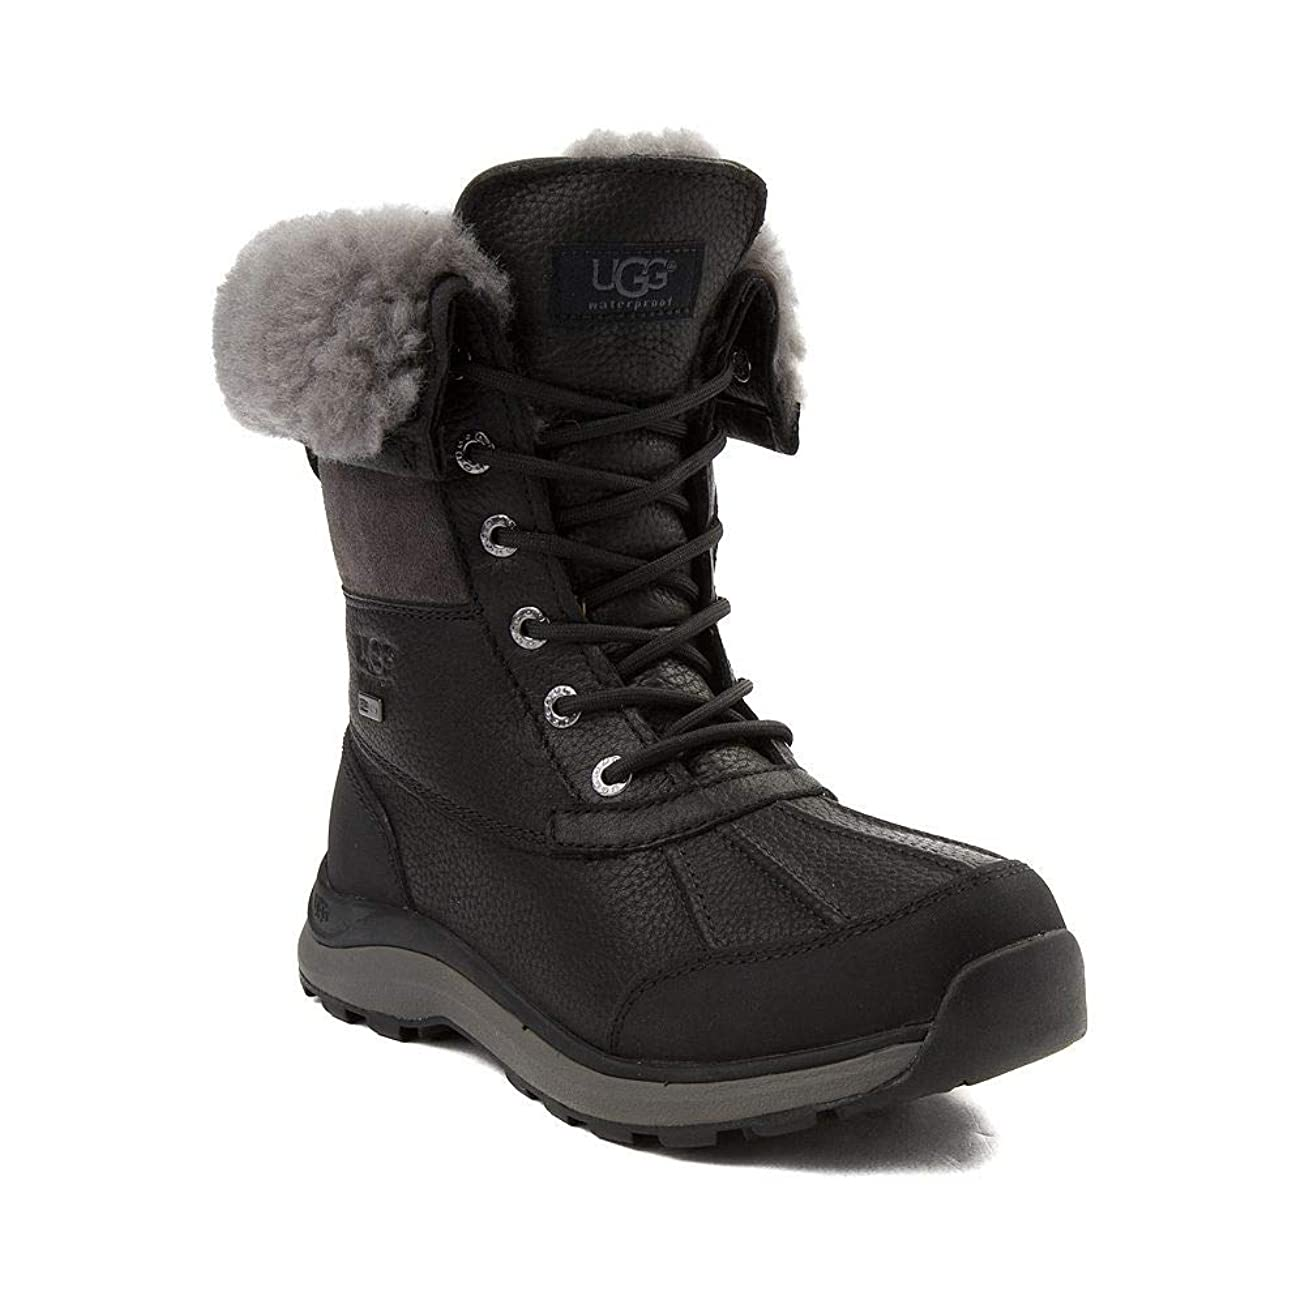 境界私たち自身承認[UGG(アグ)] 靴?シューズ レディースブーツ Womens UGG Adirondack III Boot [並行輸入品]